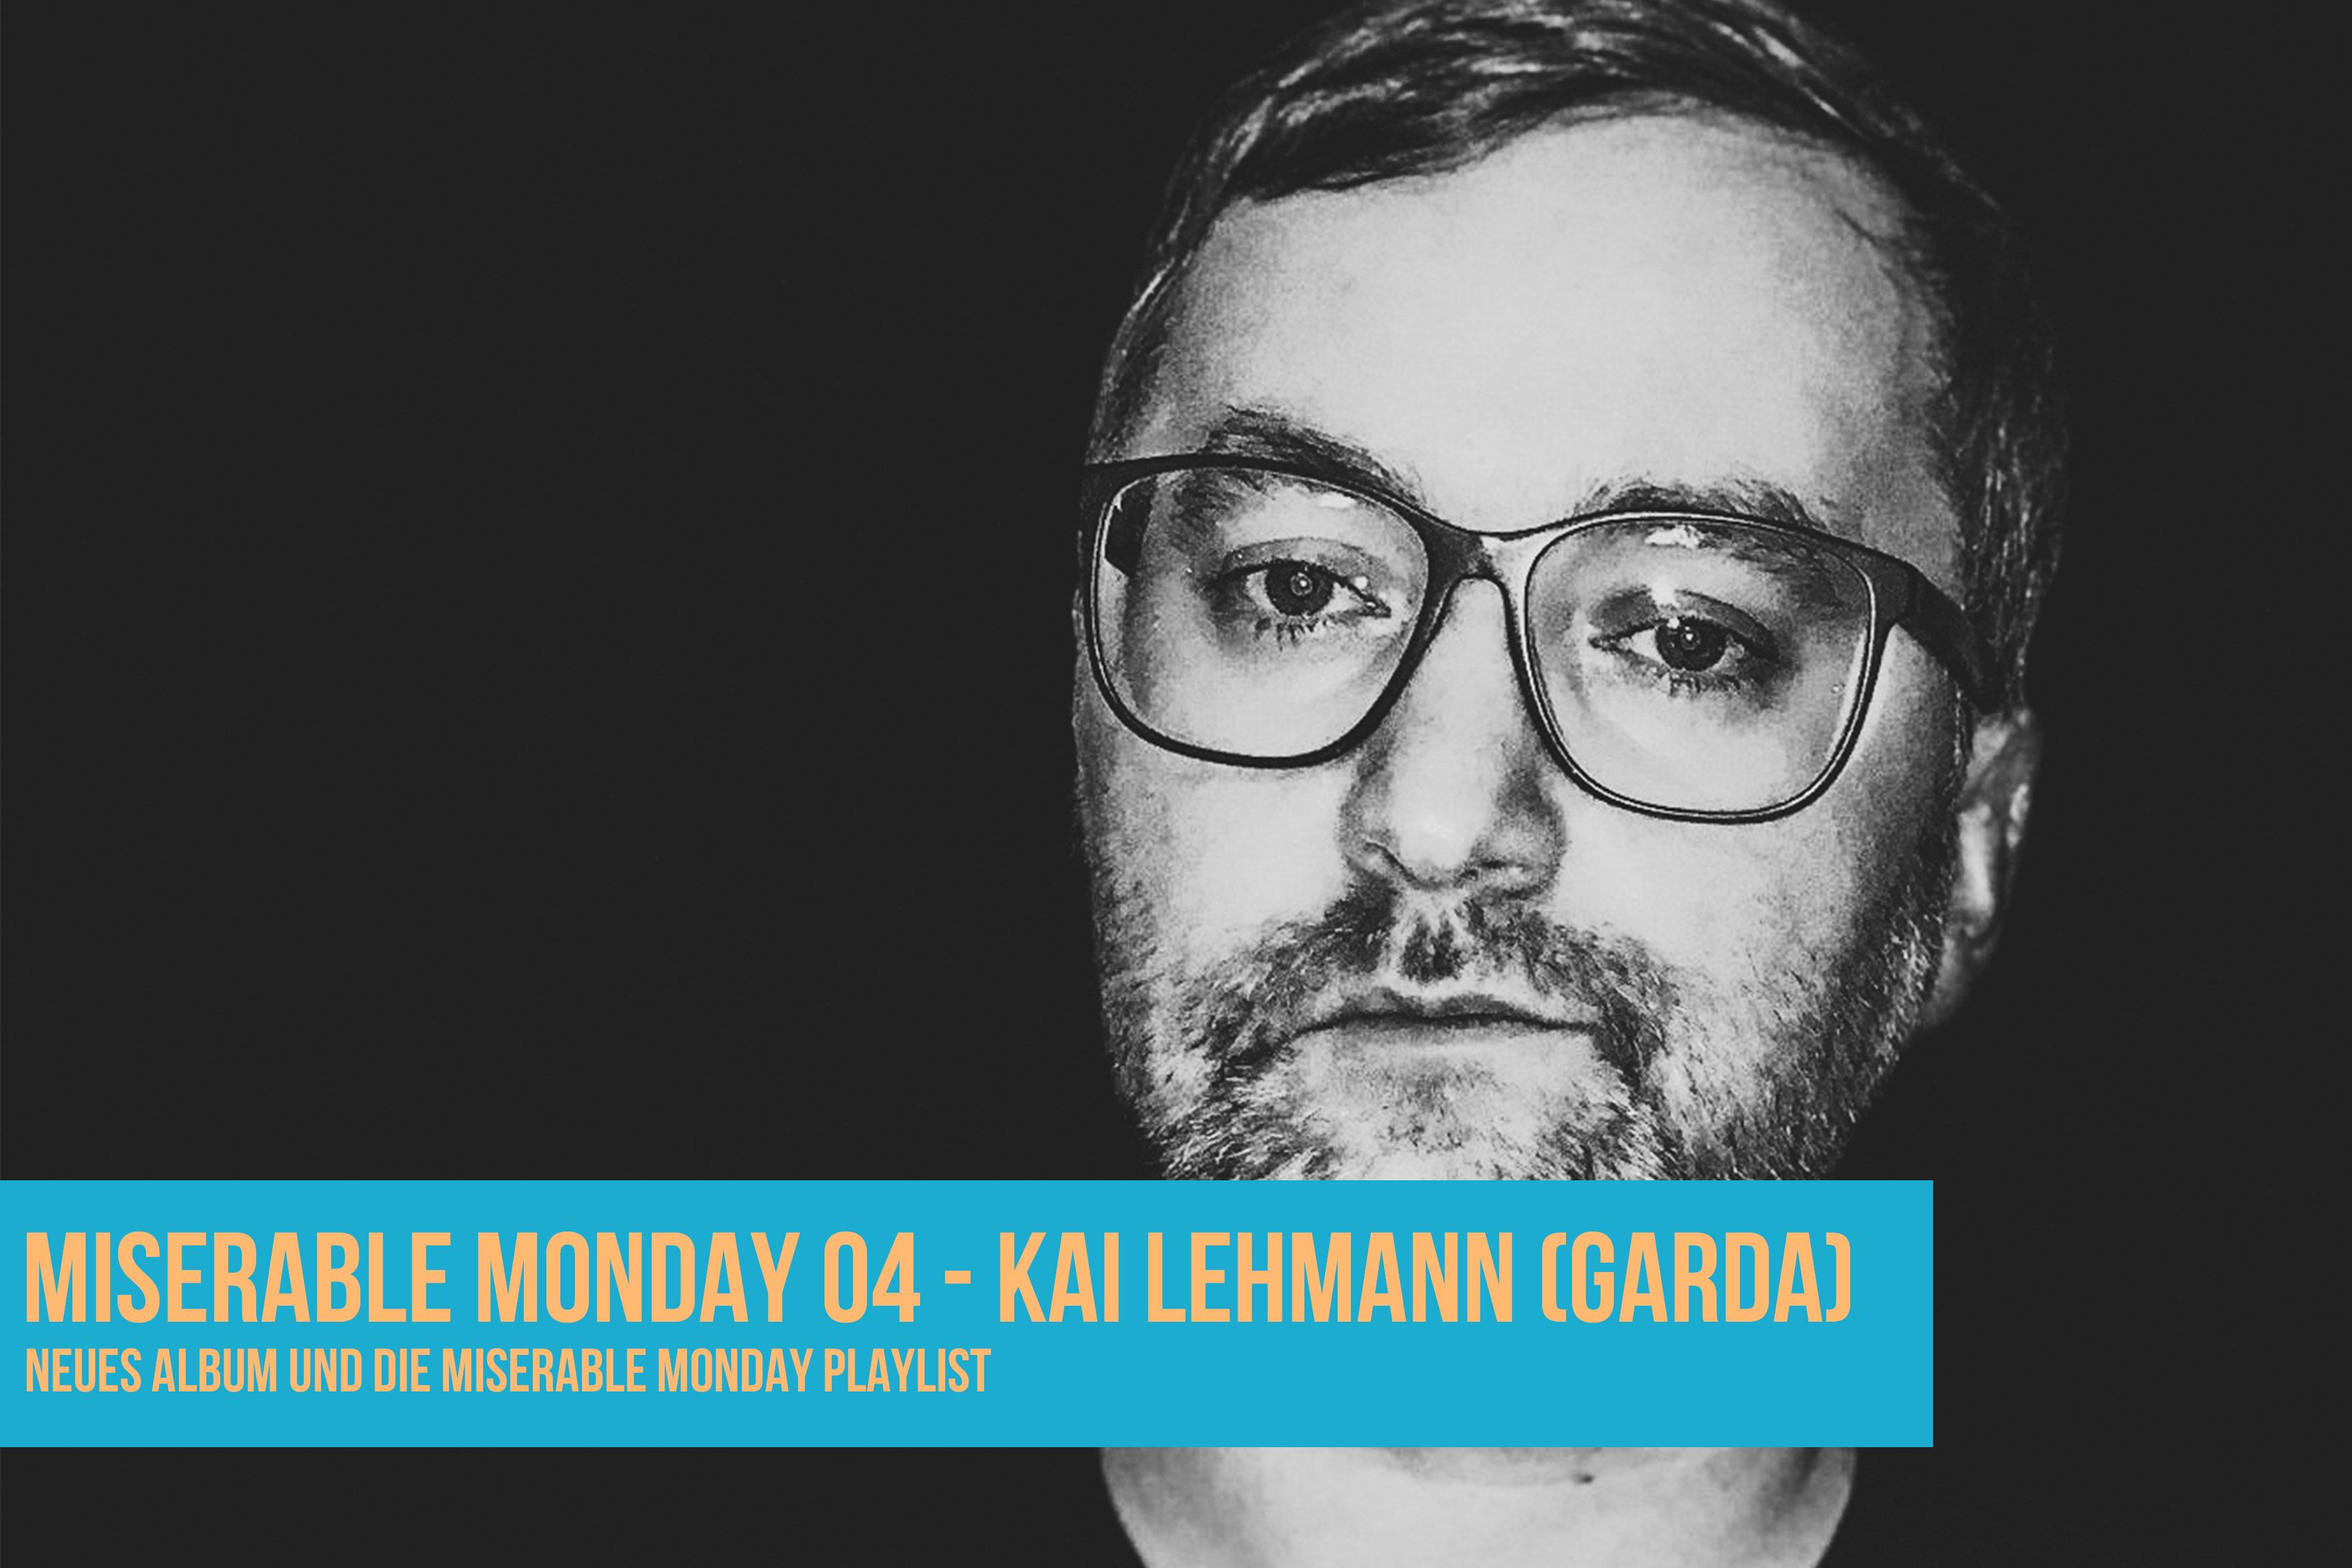 004 - Kai Lehmann (GARDA)